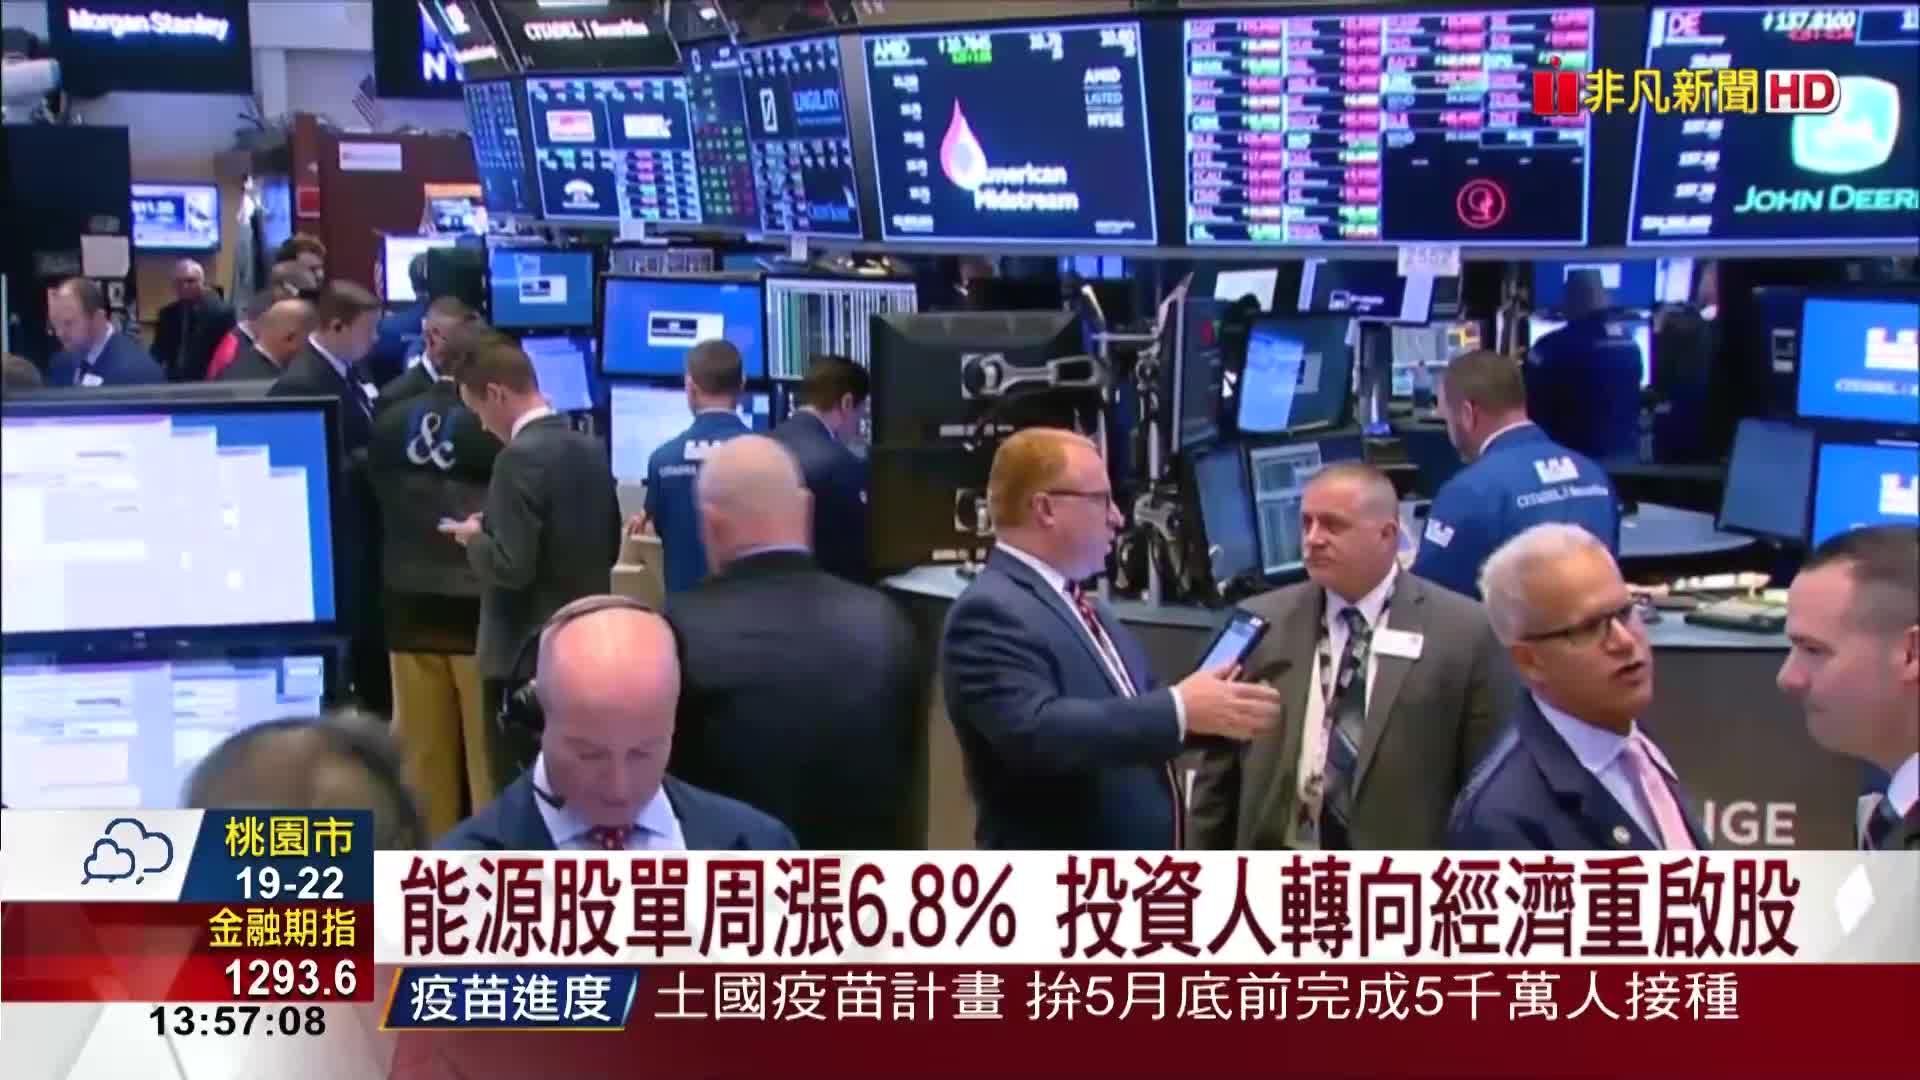 美債殖利率升破1.6% 美股恐慌大跌559點